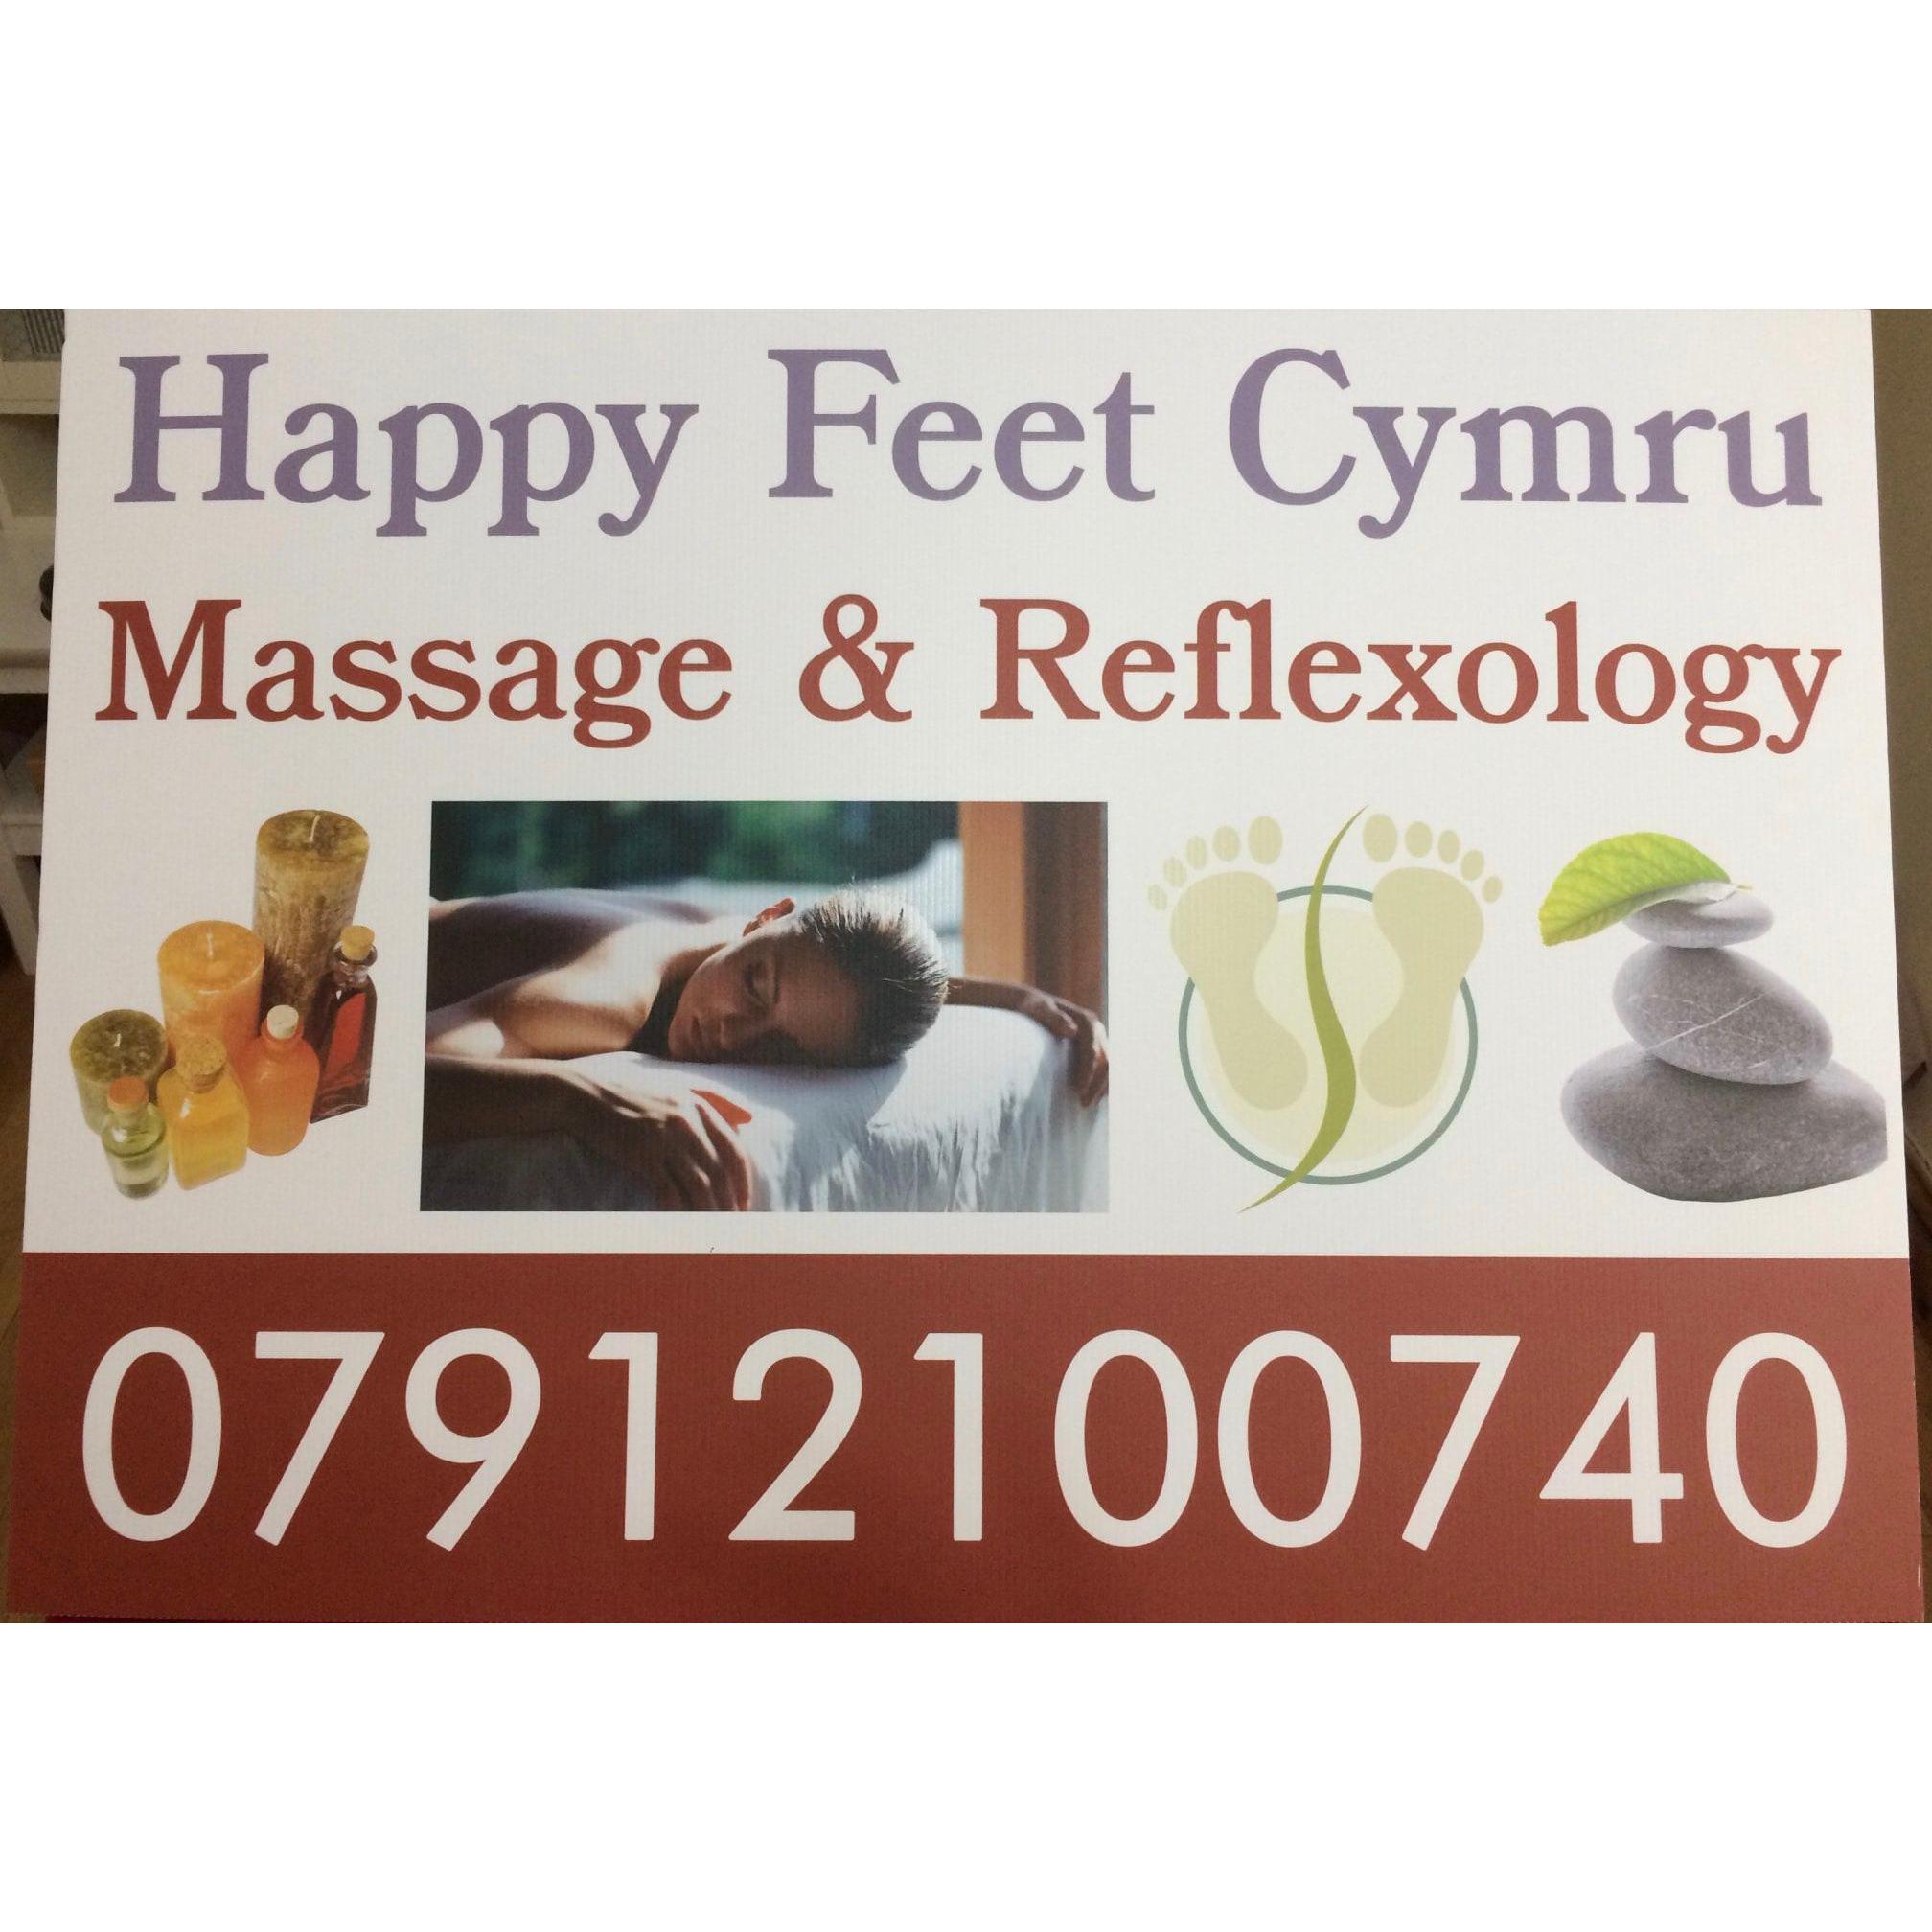 Happy Feet Cymru - Bala, Gwynedd LL23 7LH - 07912 100740 | ShowMeLocal.com